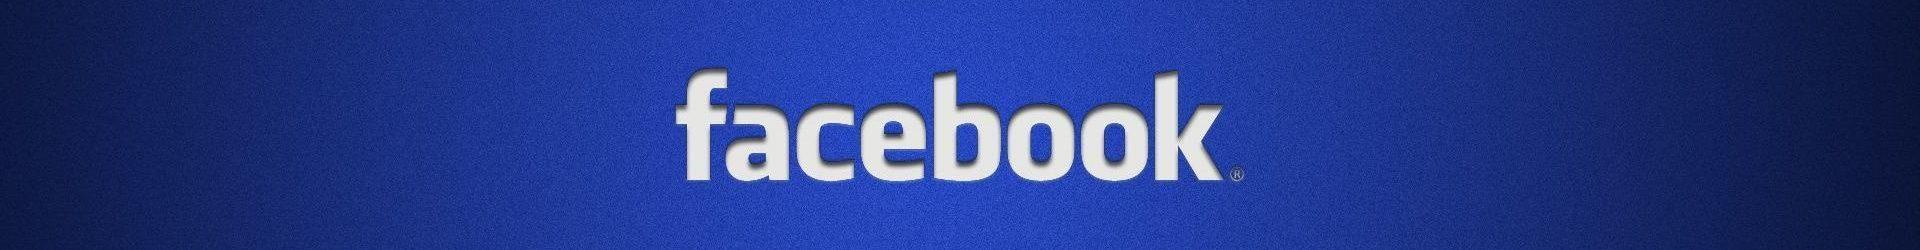 facebook_login